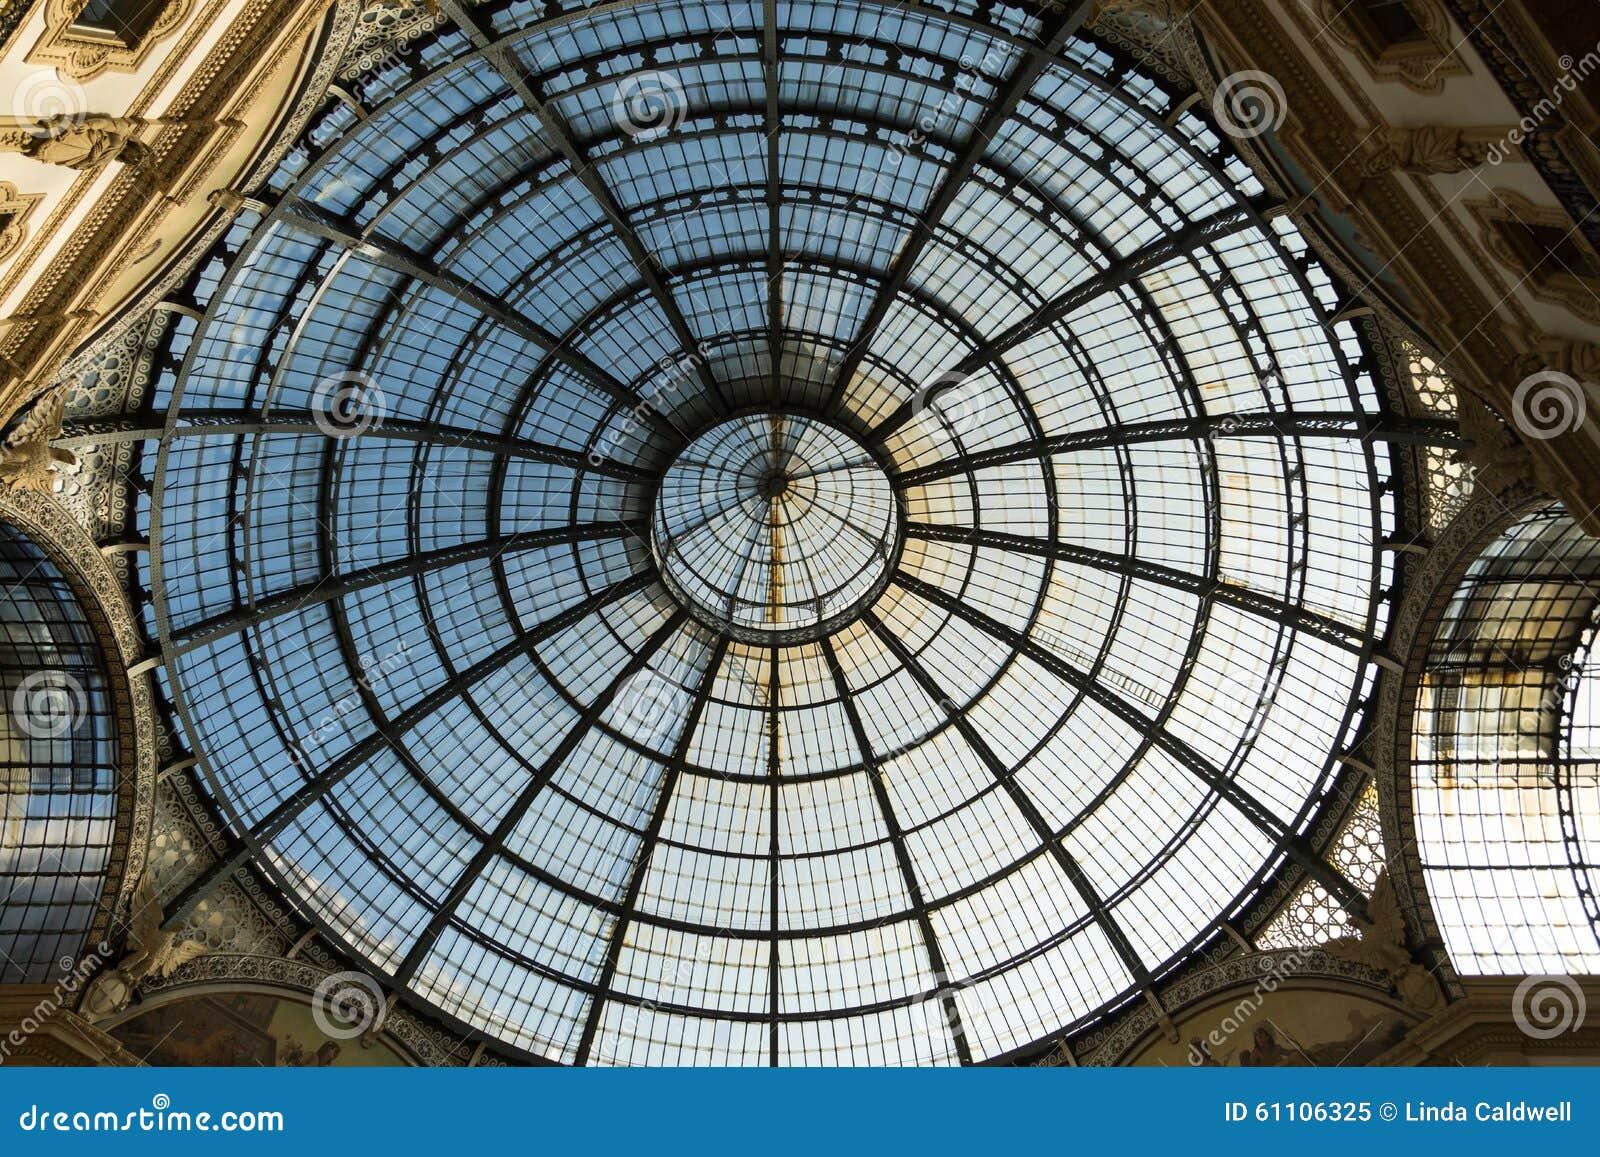 Soffitto Di Vetro, Galleria, Milano, Italia Immagine Stock - Immagine: 61106325